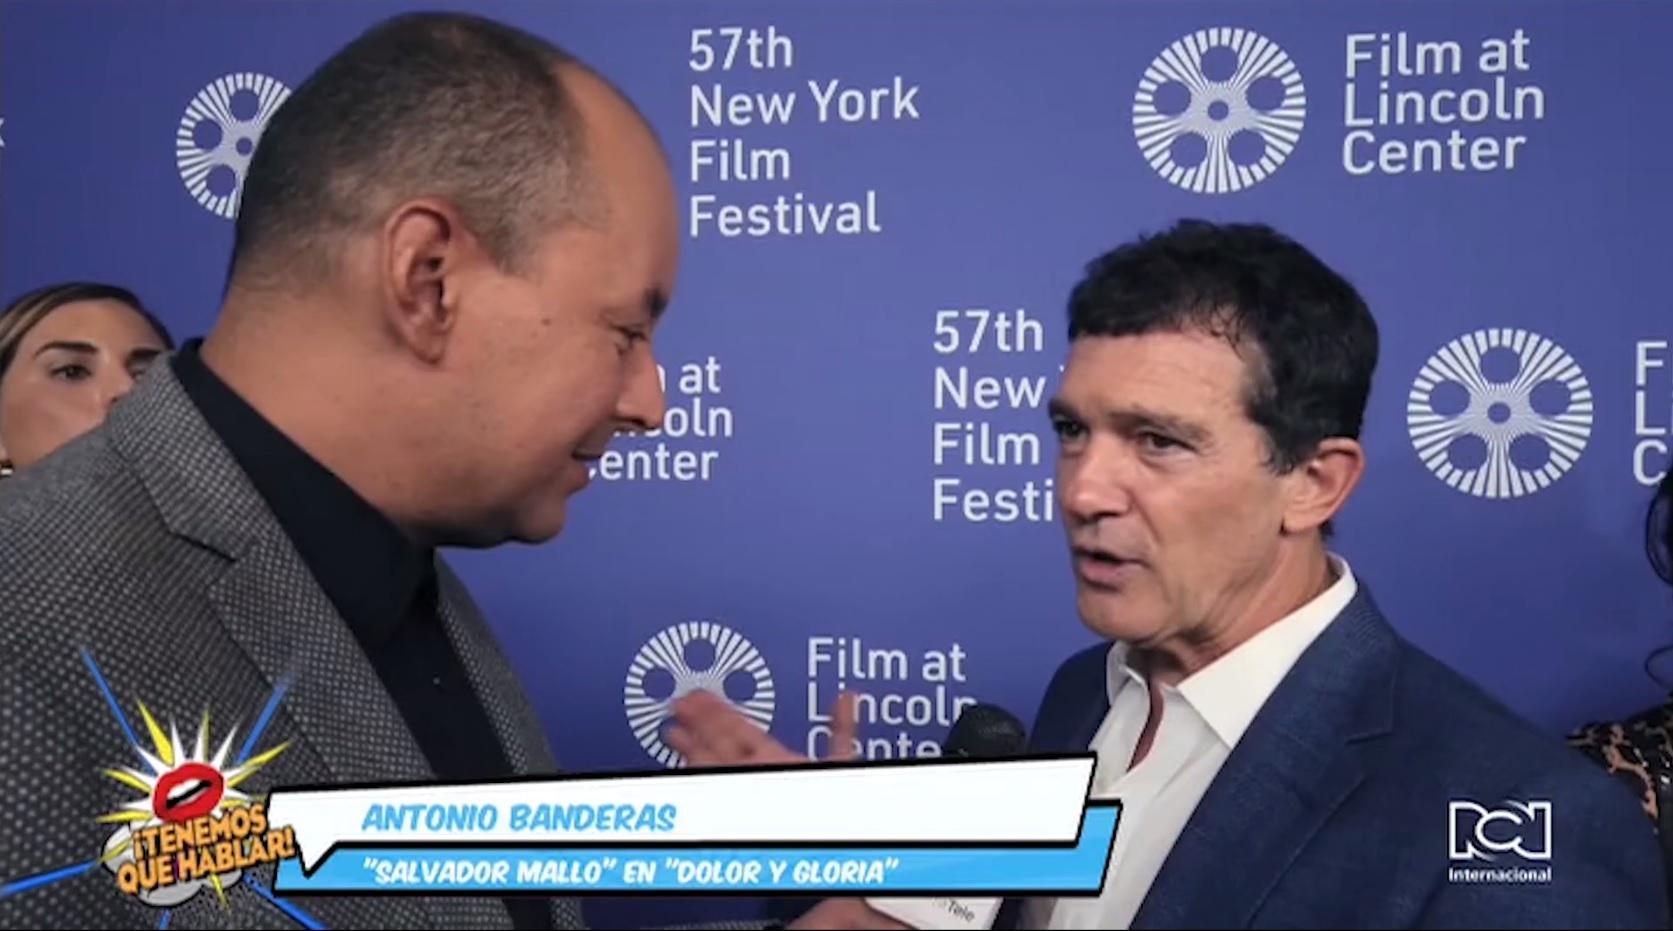 Ya está en salas de cine de Estados Unidos la película 'Dolor y Gloria' de Pedro Almodóvar